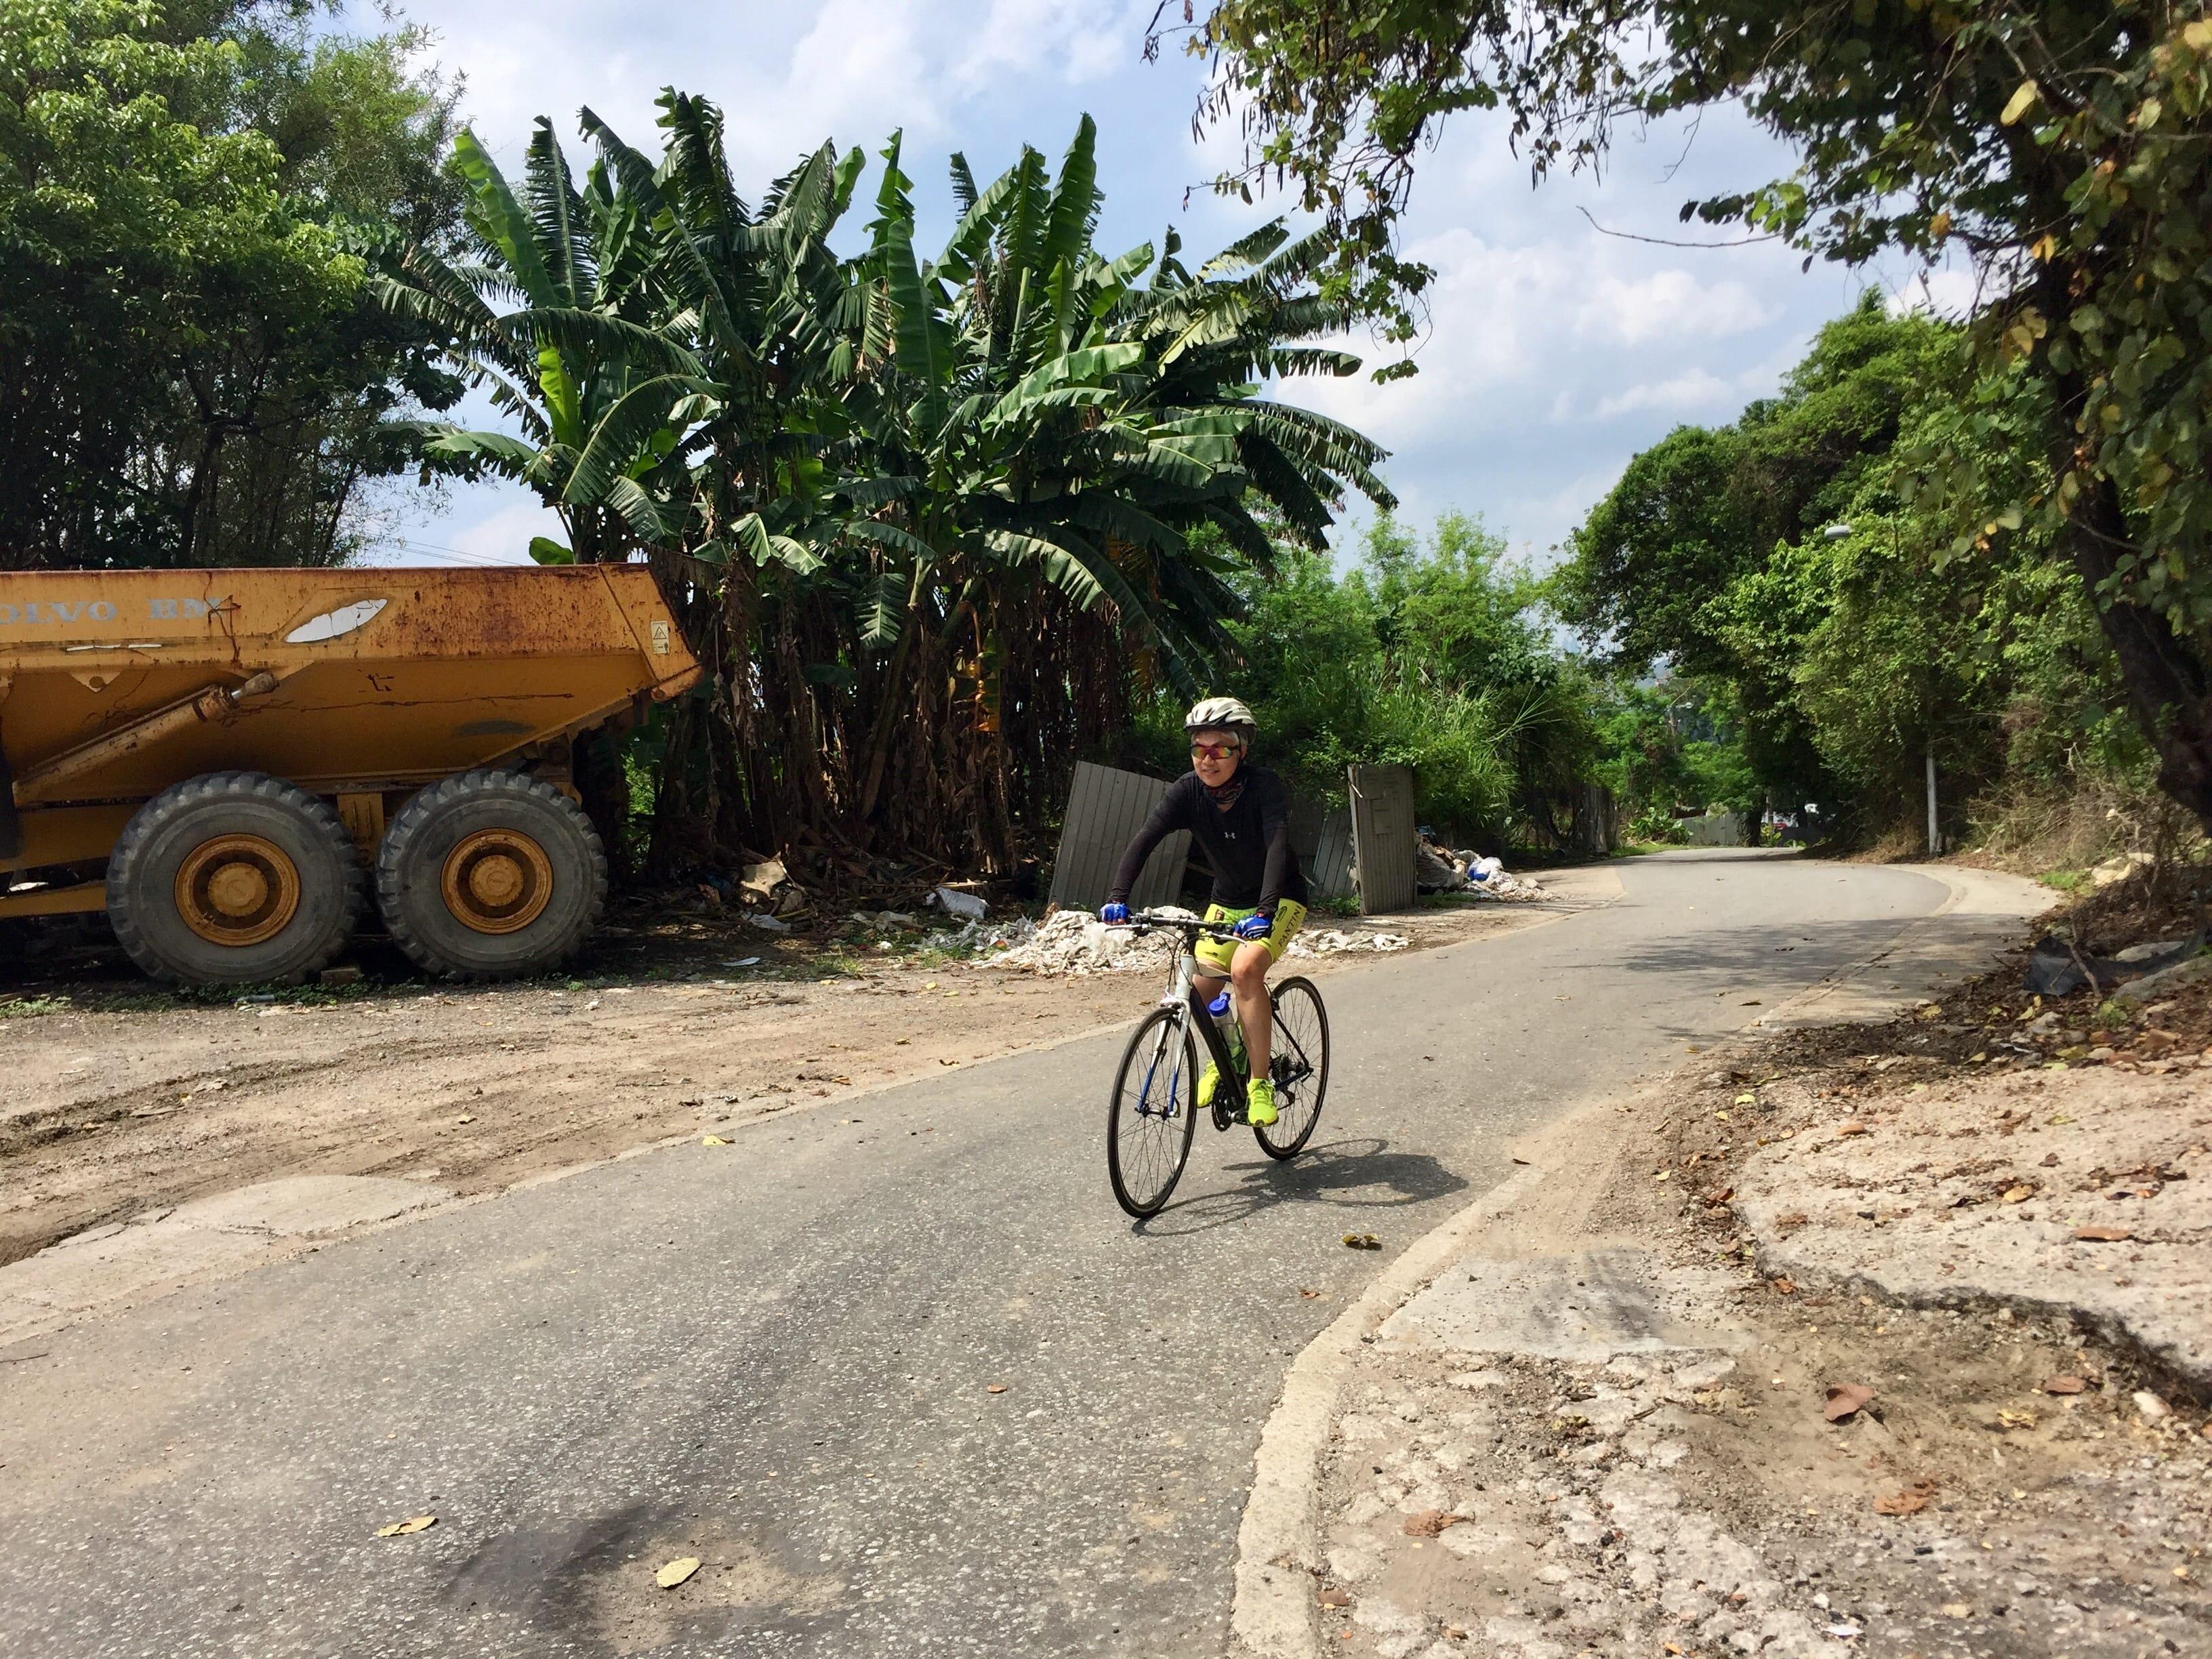 Climbing up the Shek Wu Wei Road